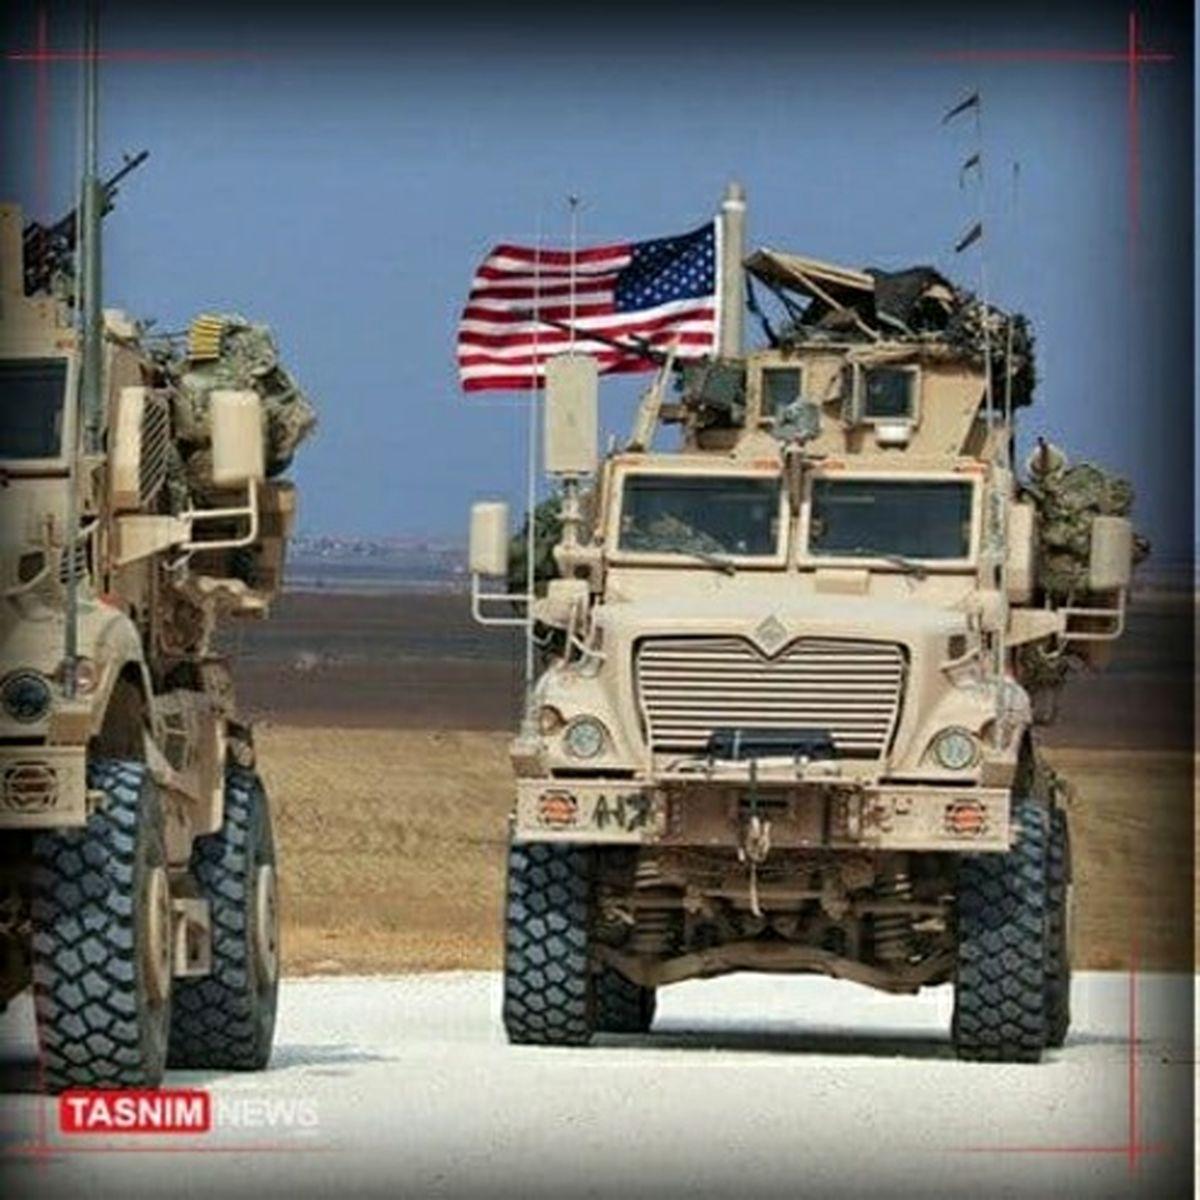 کاروان ارتش آمریکا در عراق هدف قرار گرفت